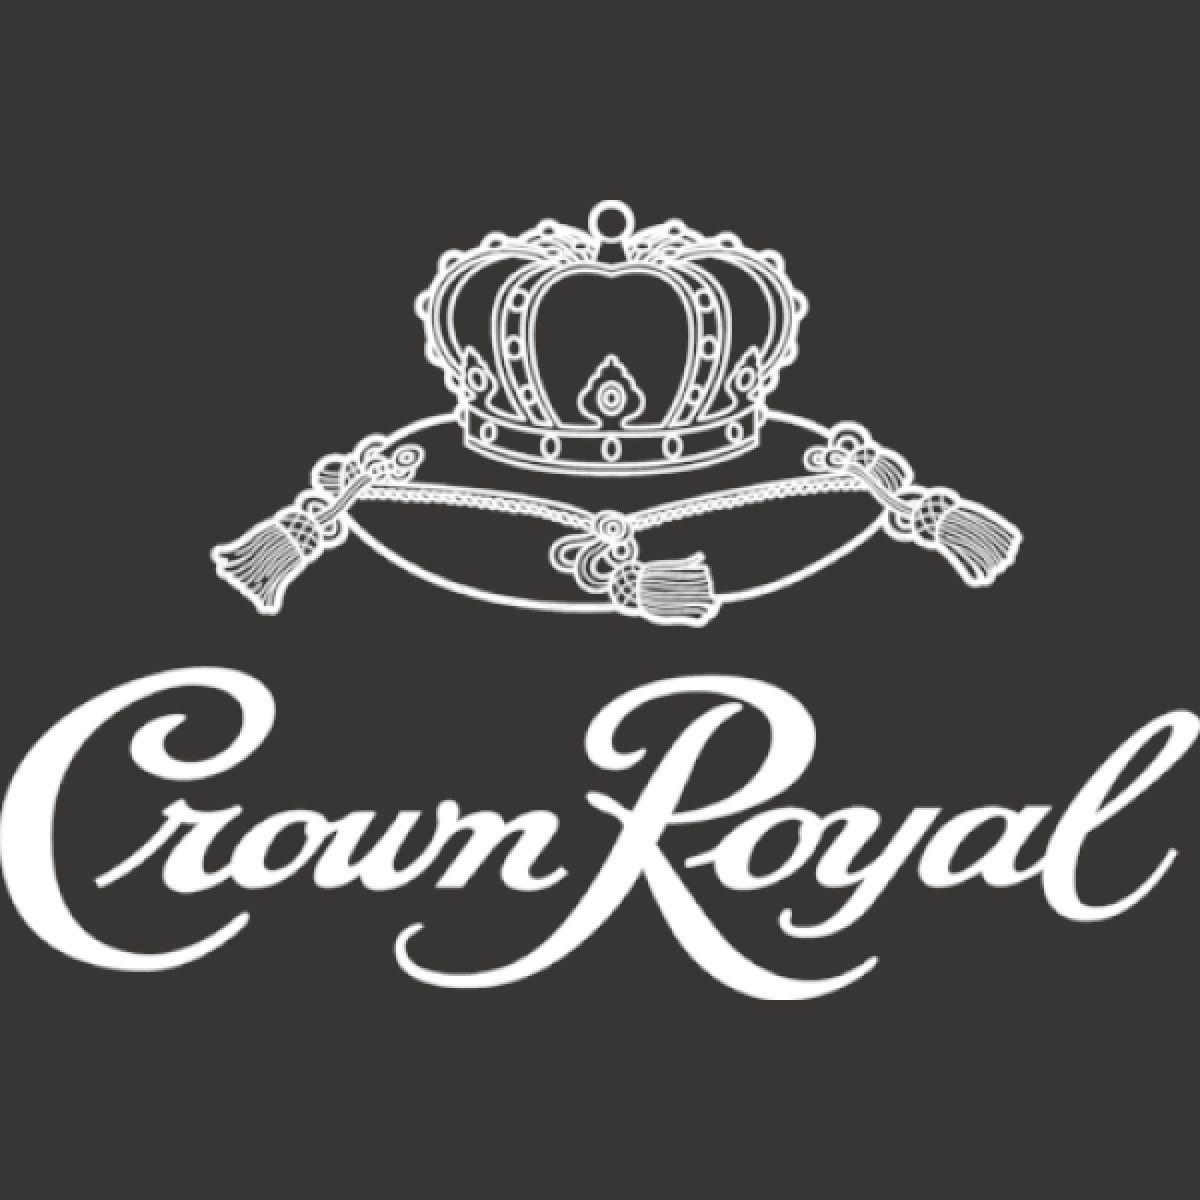 8d5577304a Crown Royal Pantie - Customon